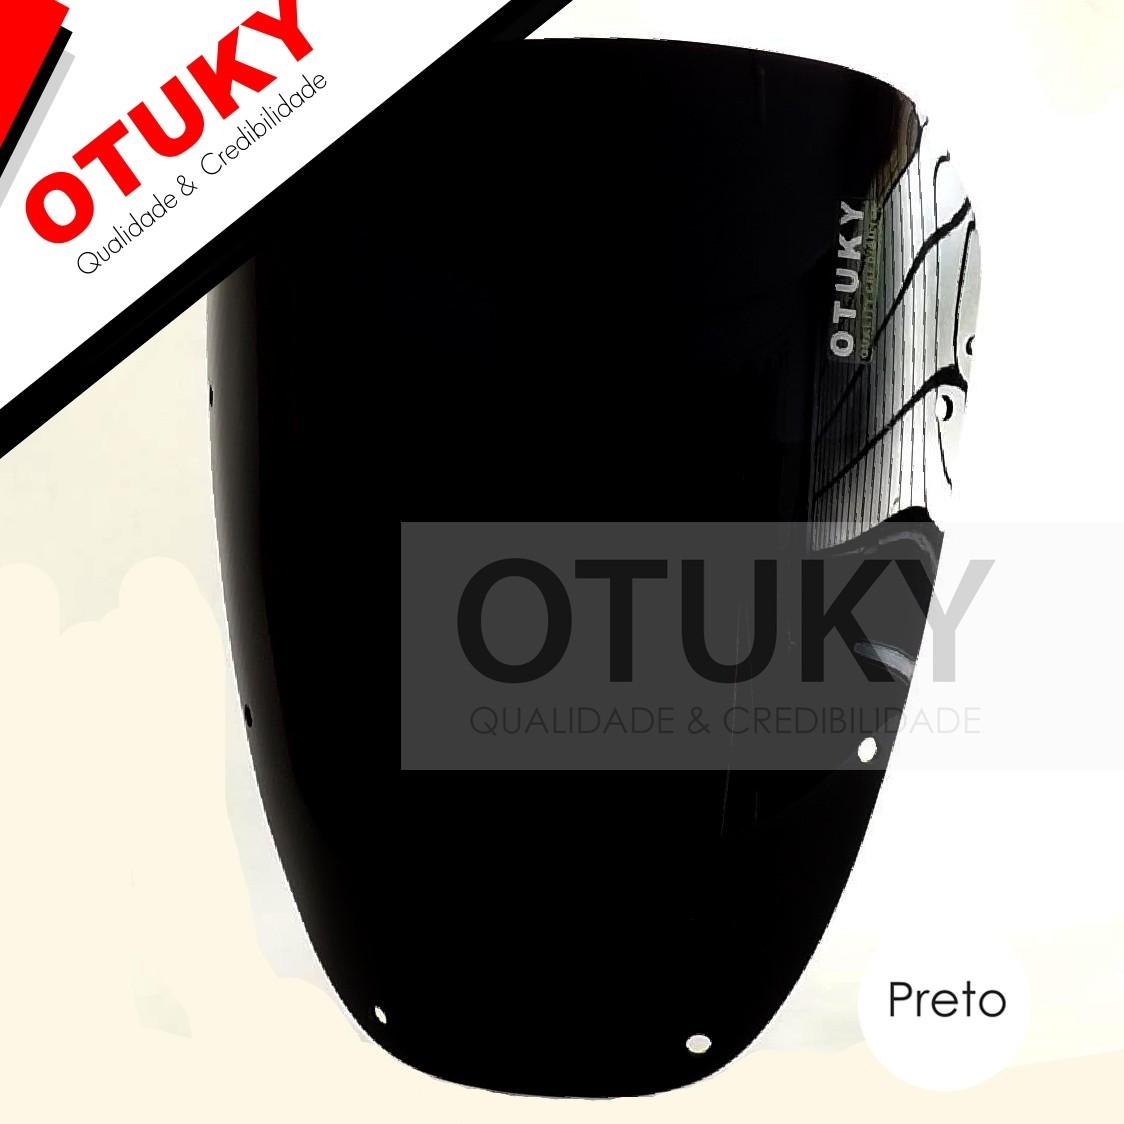 Bolha para Moto Altino 100 Otuky